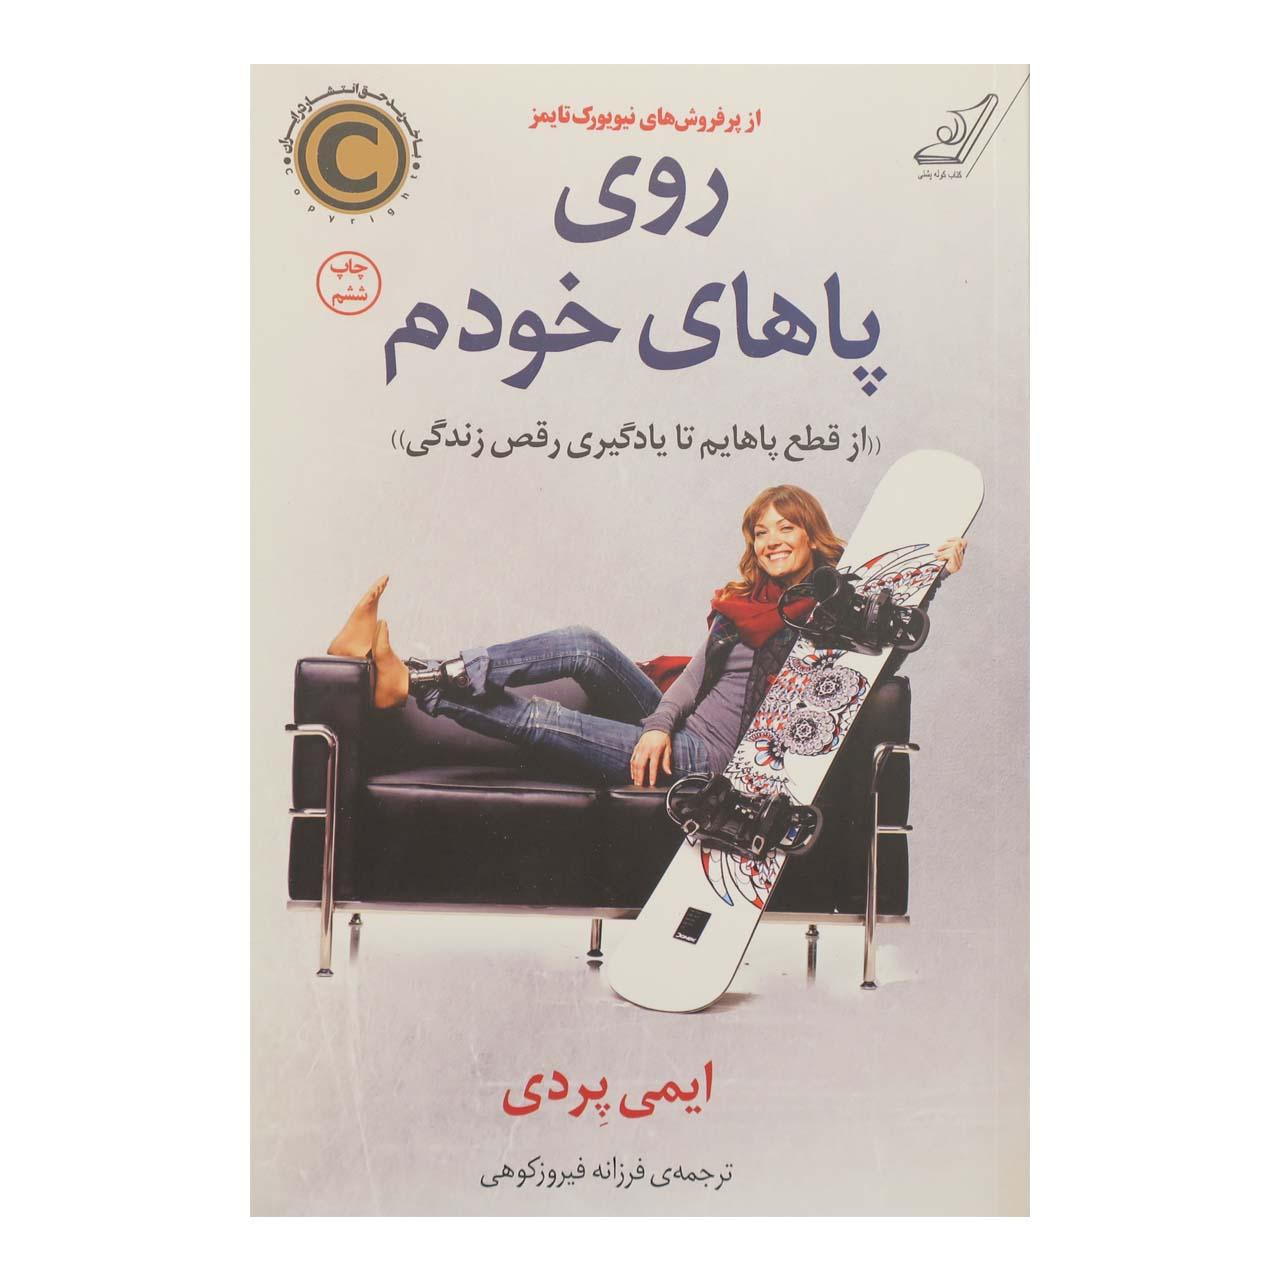 خرید                      کتاب روی پاهای خودم اثر ایمی پردی انتشارات کتاب کوله پشتی